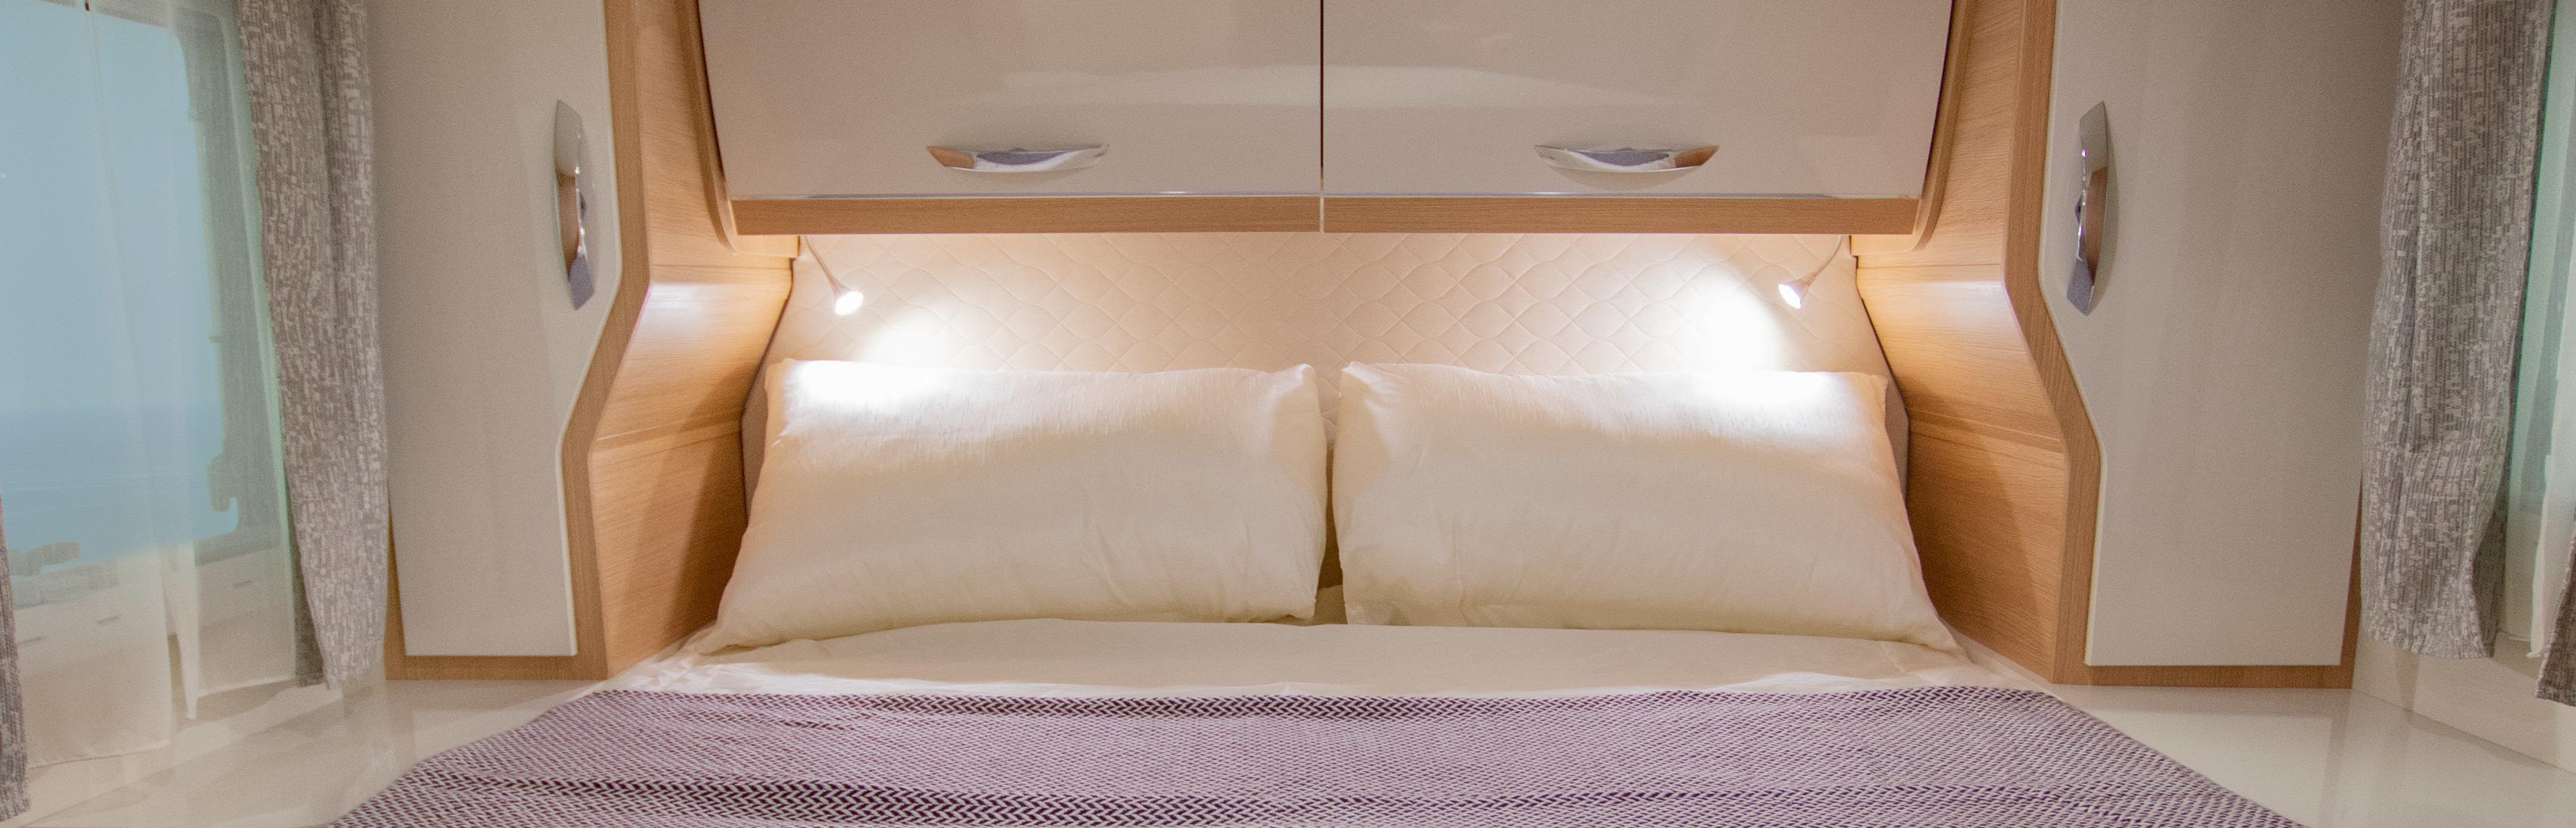 367 Bedroom